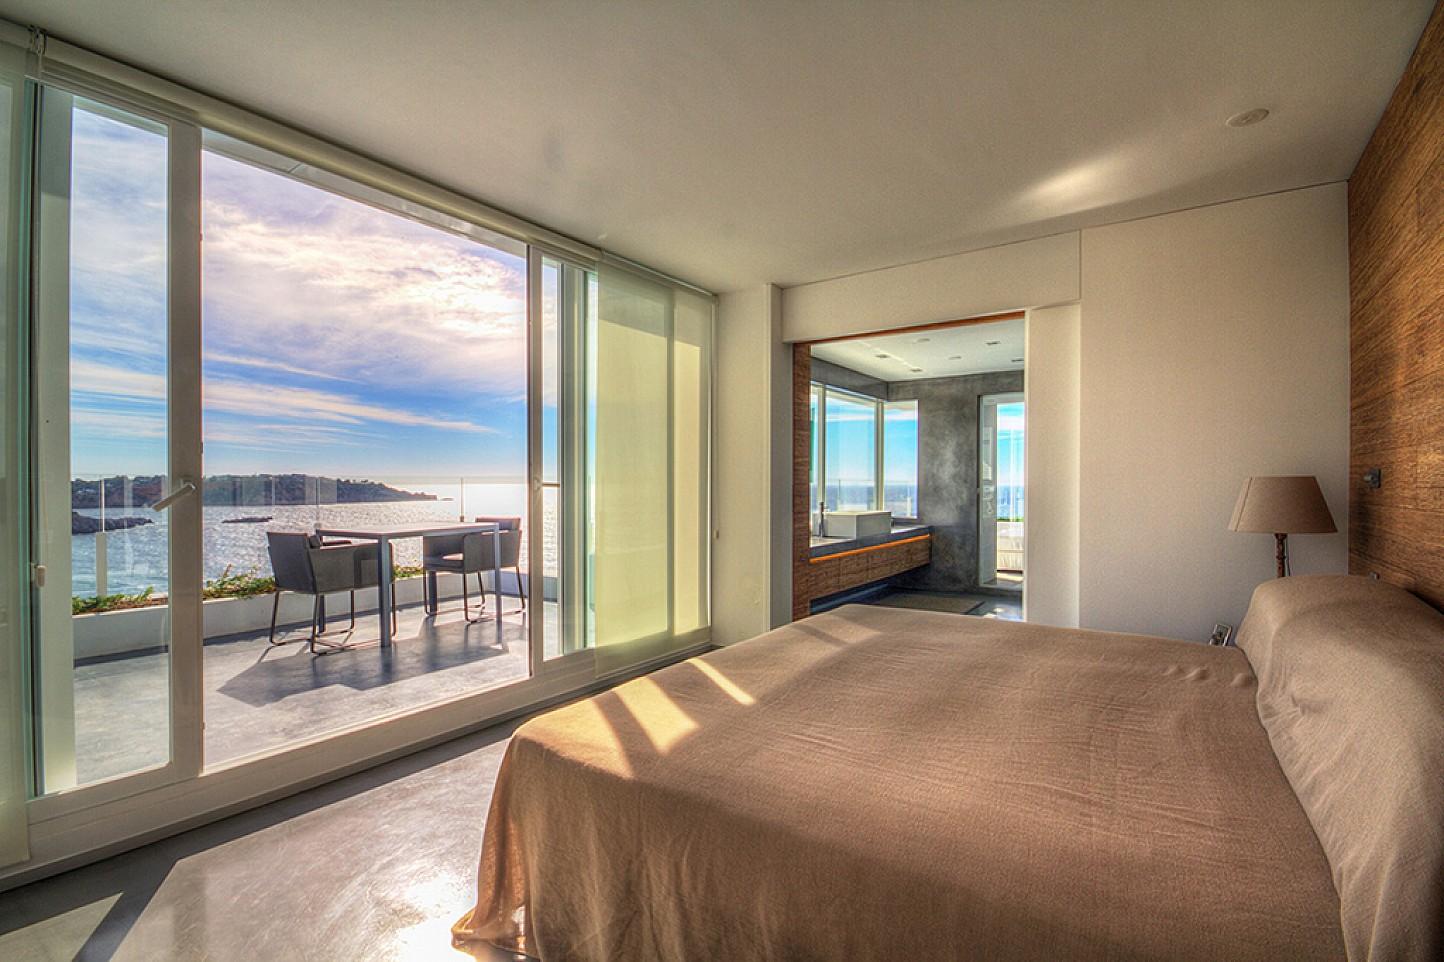 Dormitori connectat amb la terrassa